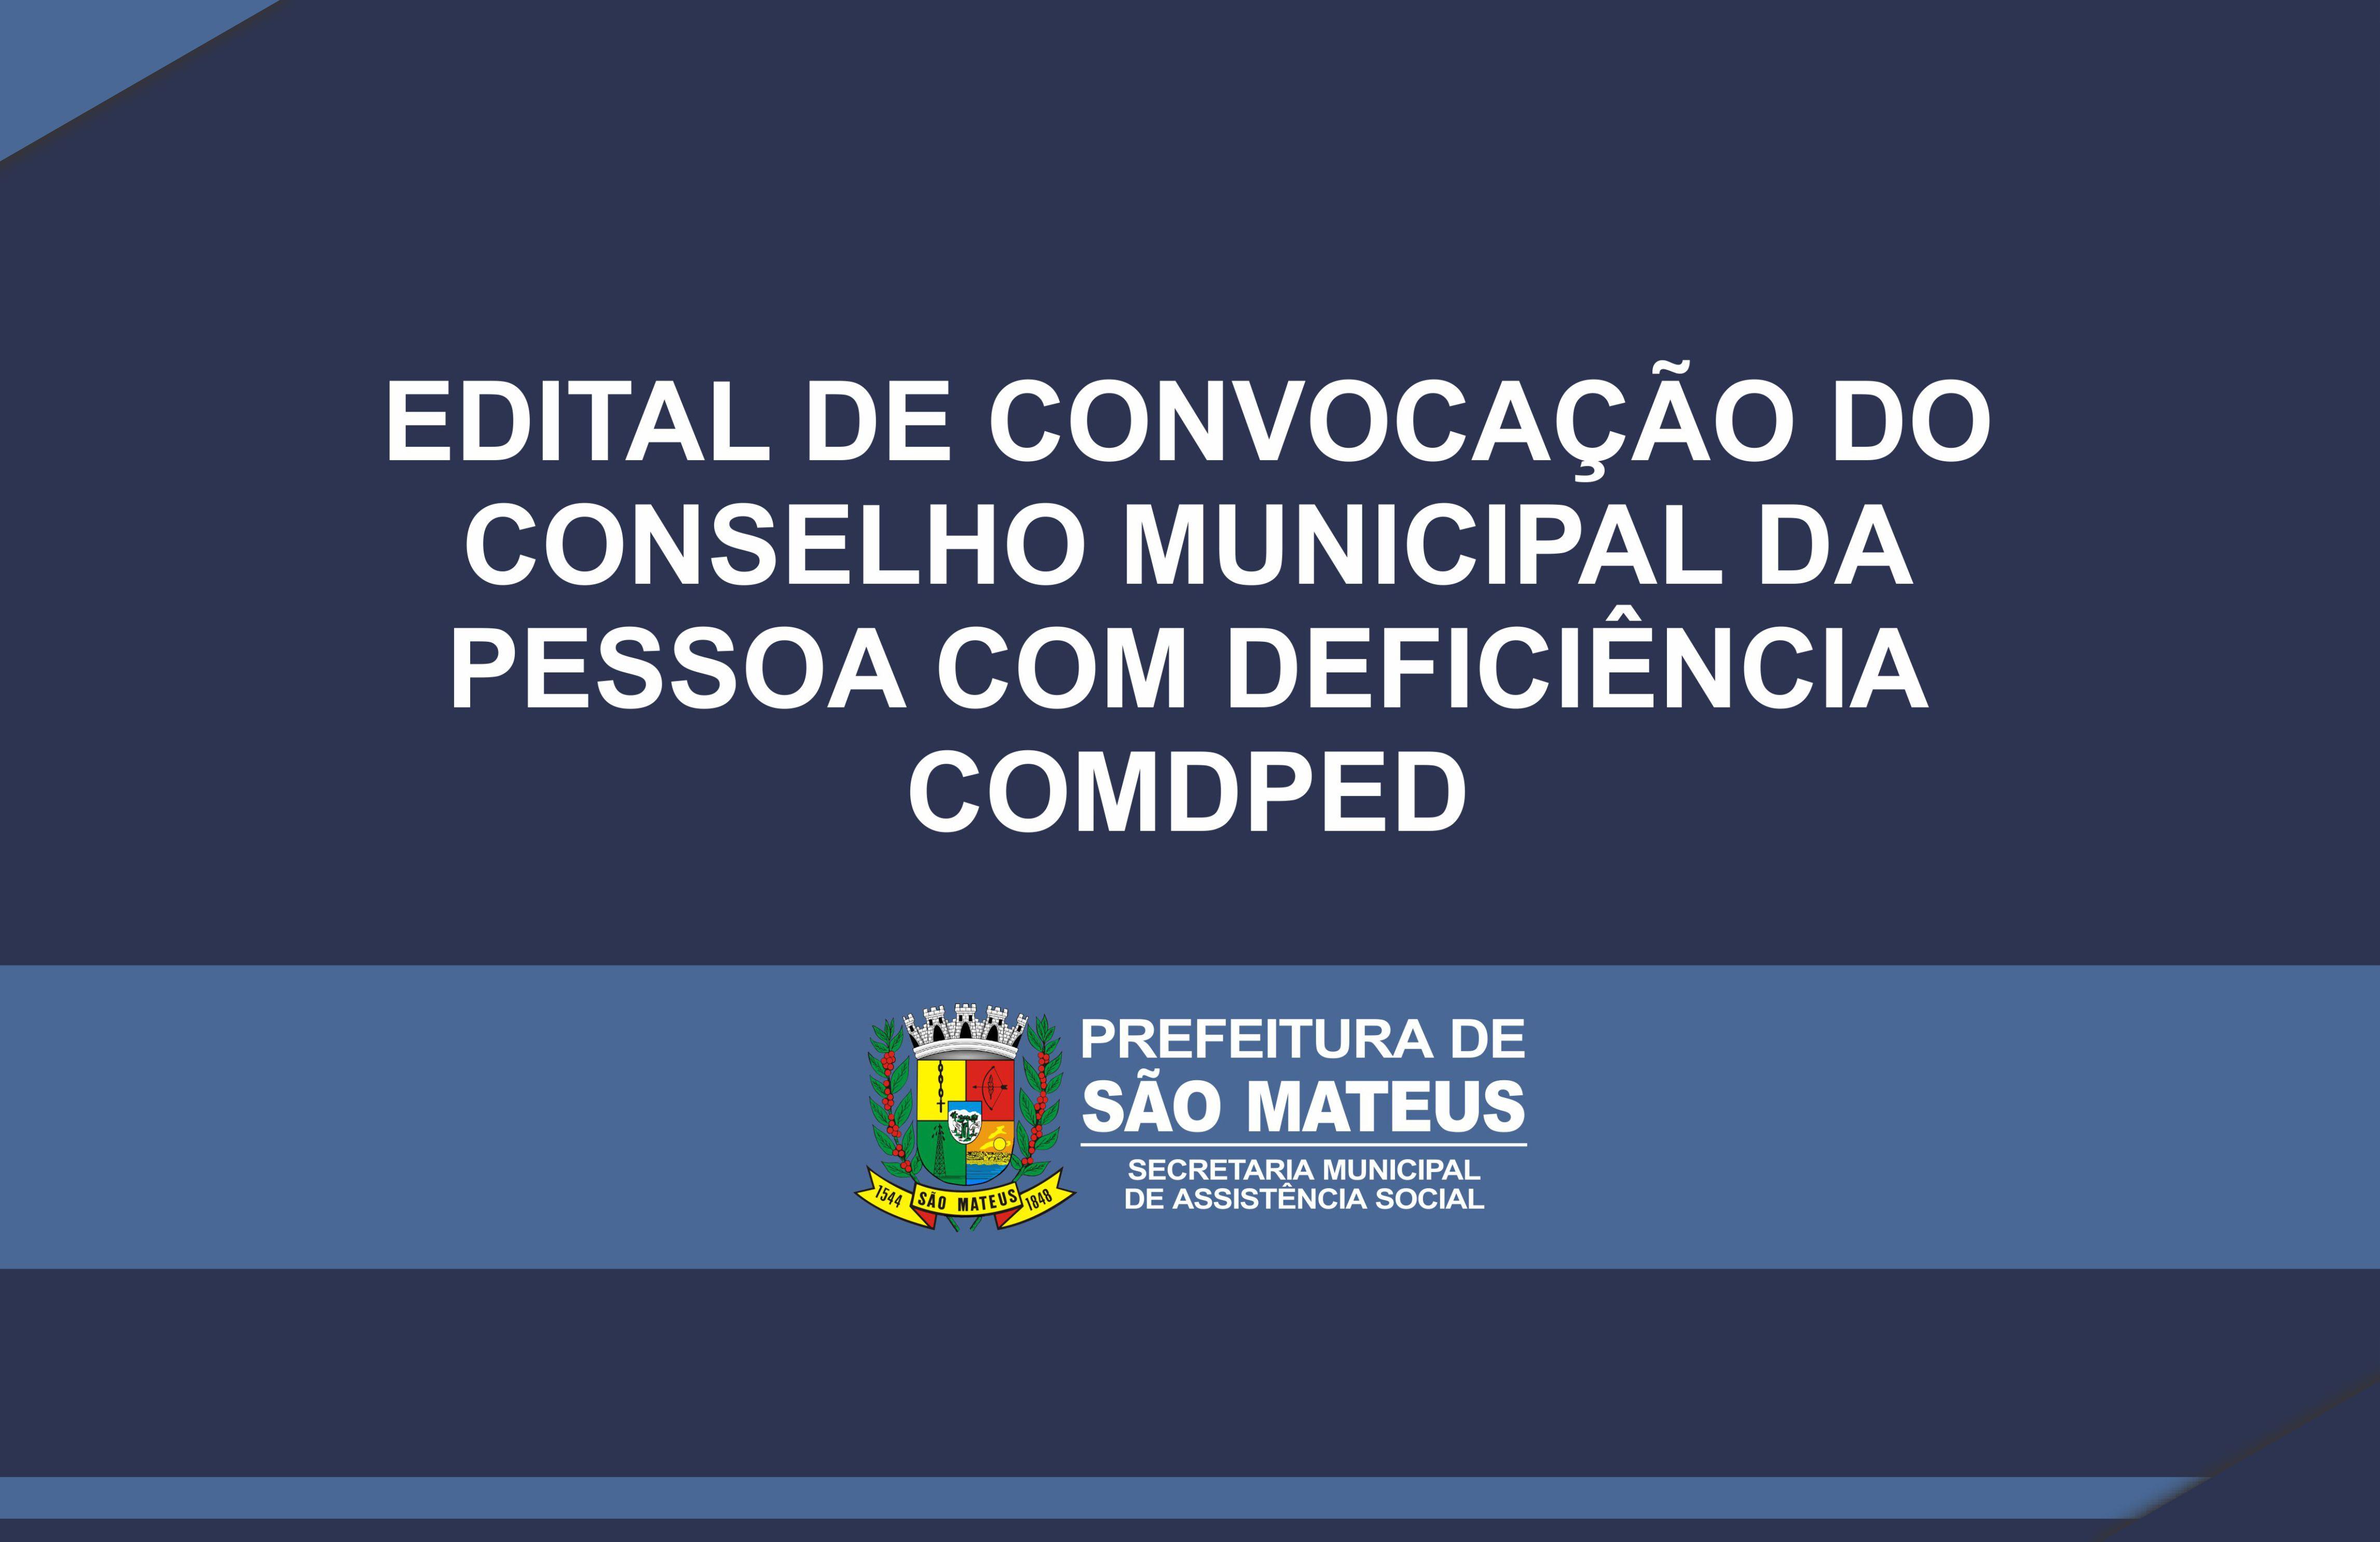 EDITAL DE CONVOCAÇÃO DO CONSELHO MUNICIPAL DA PESSOA COM DEFICIÊNCIA COMDPED